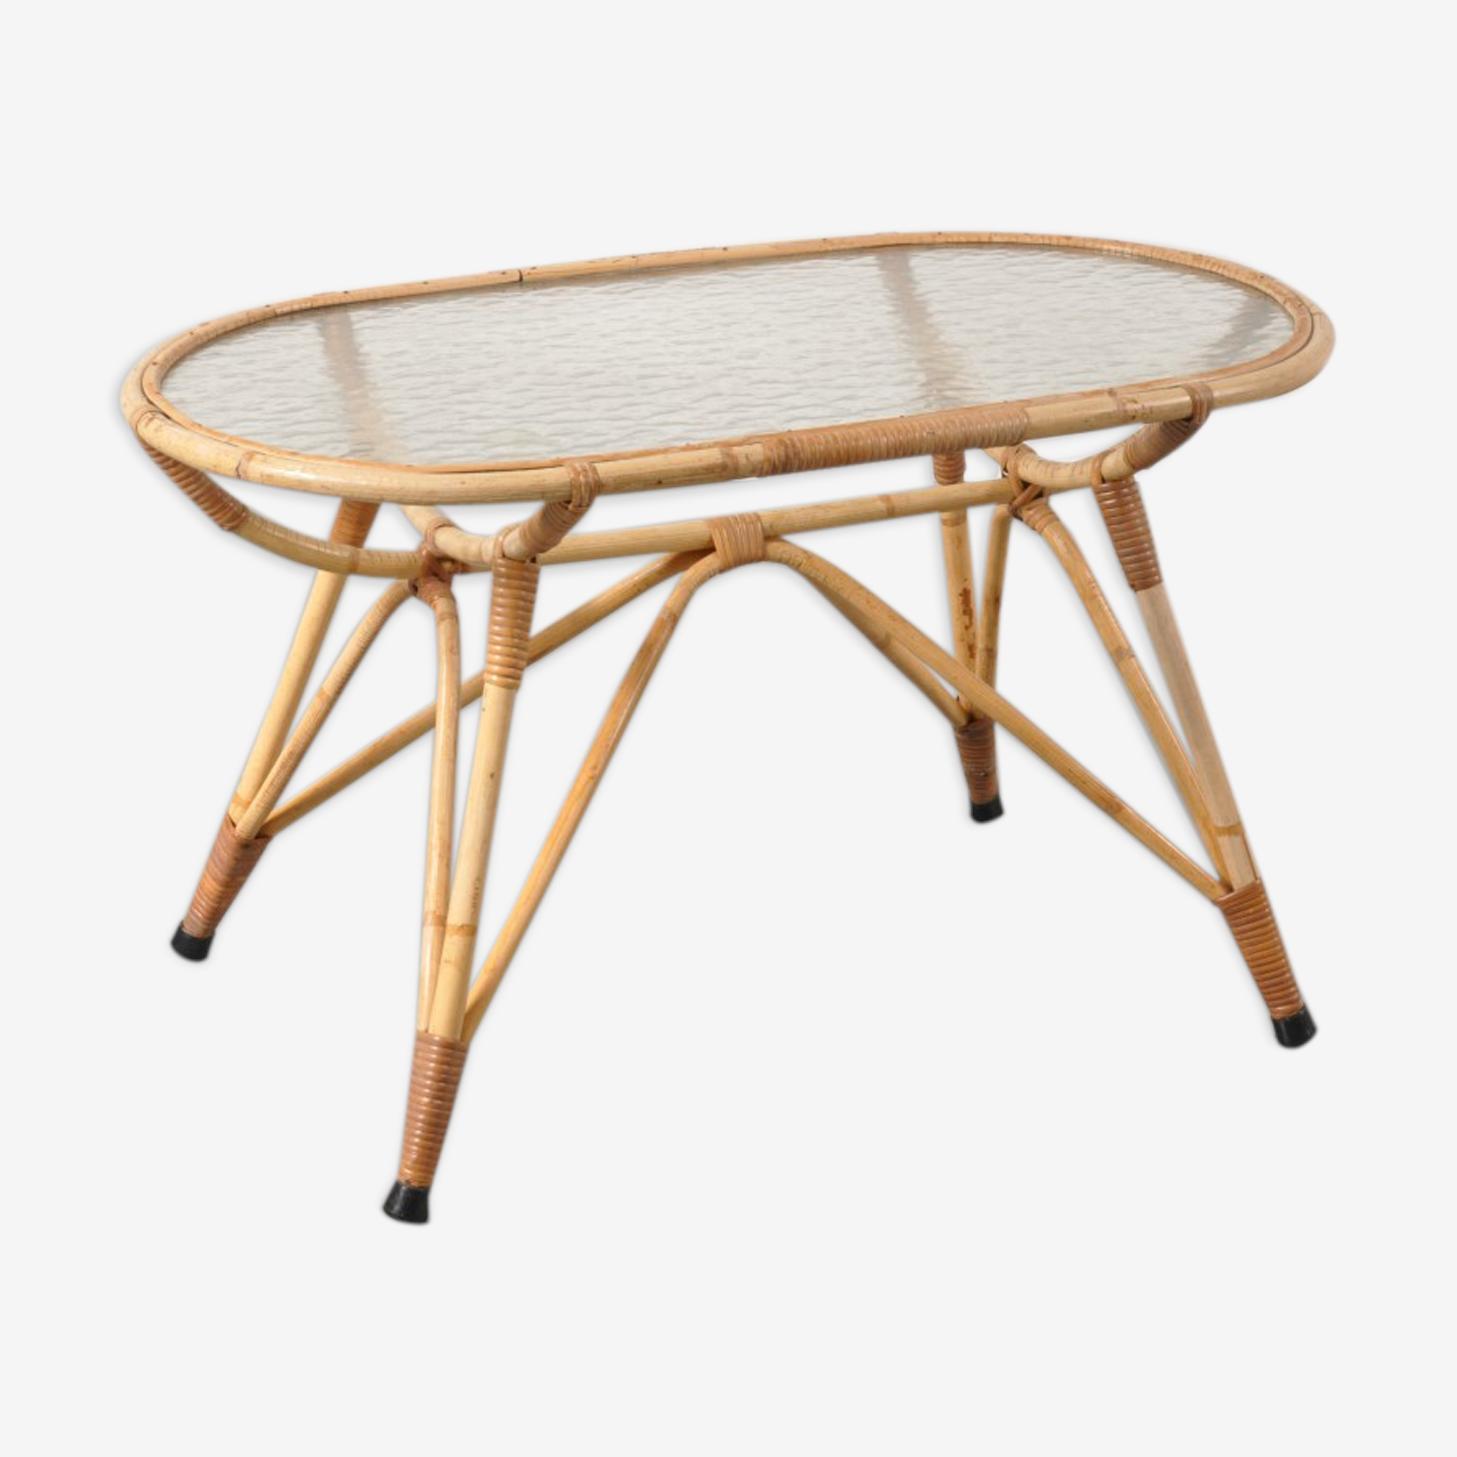 Table basse en rotin des années 1950